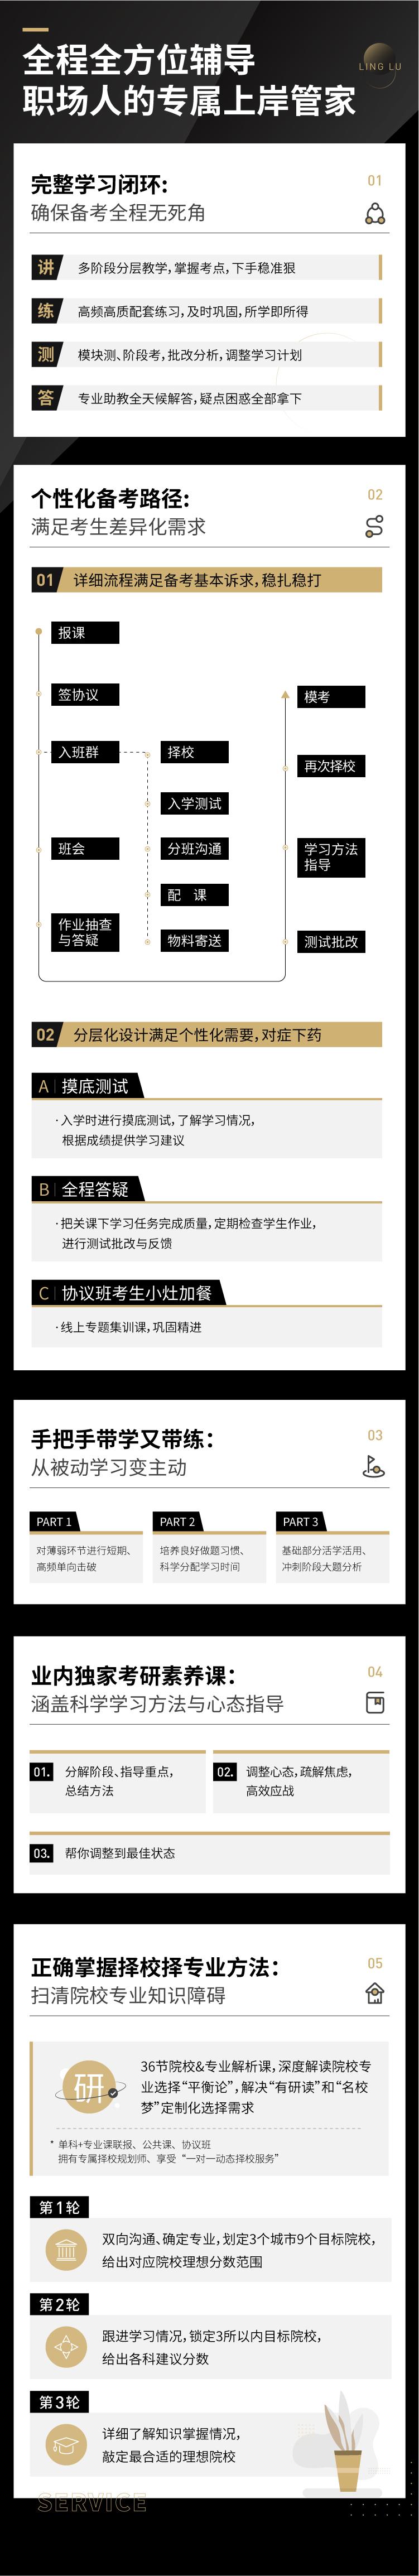 3-服务(单科).jpg